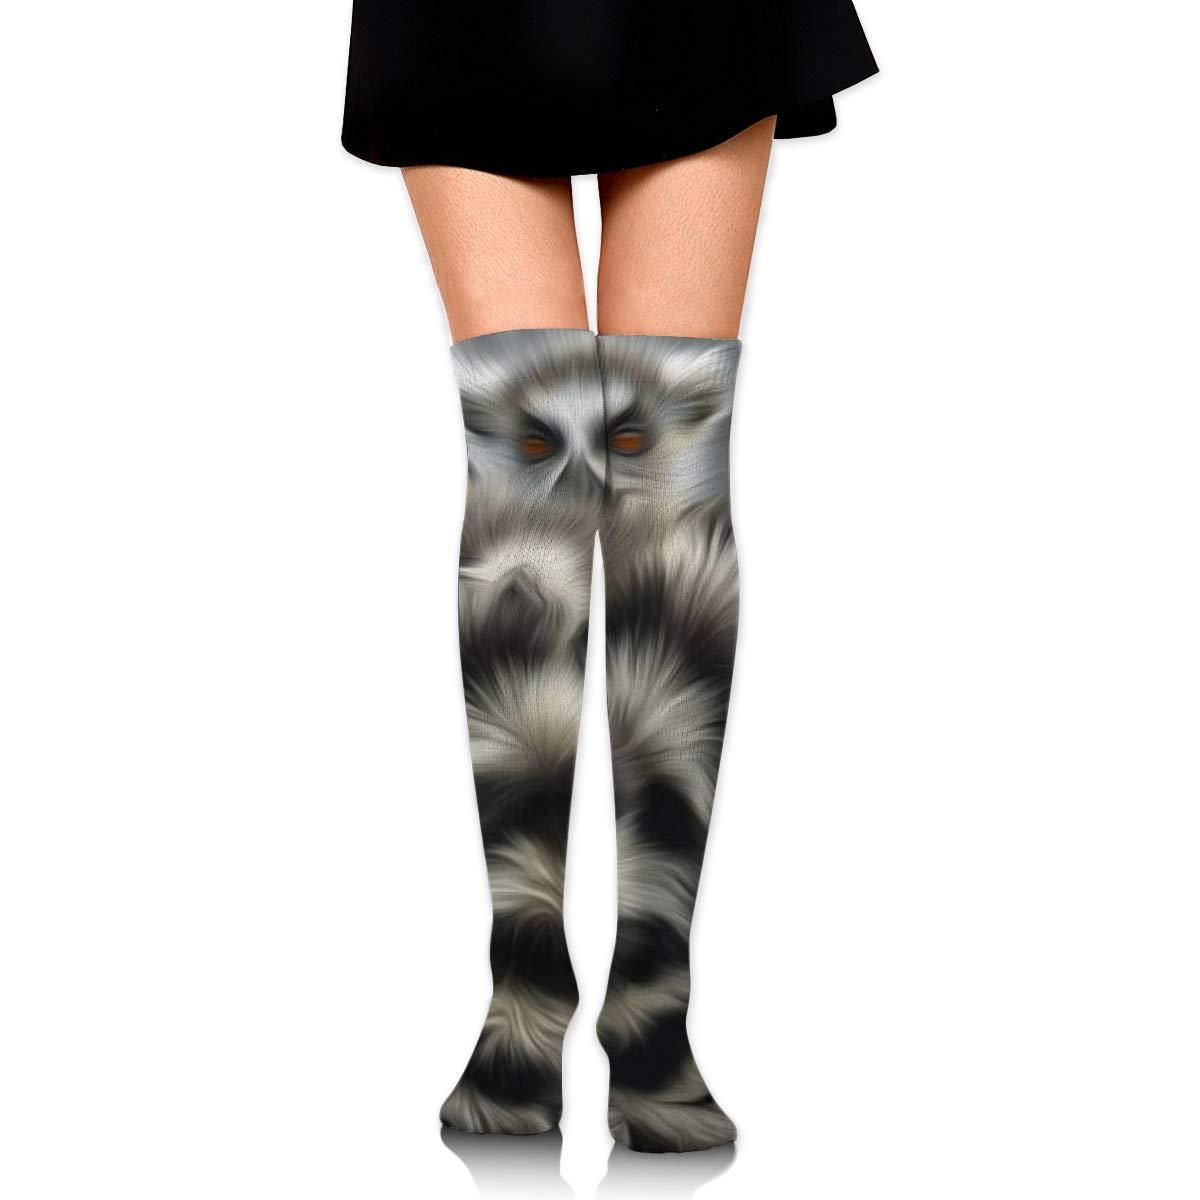 Kjaoi Girl Skirt Socks Uniform Lemur Animals Women Tube Socks Compression Socks